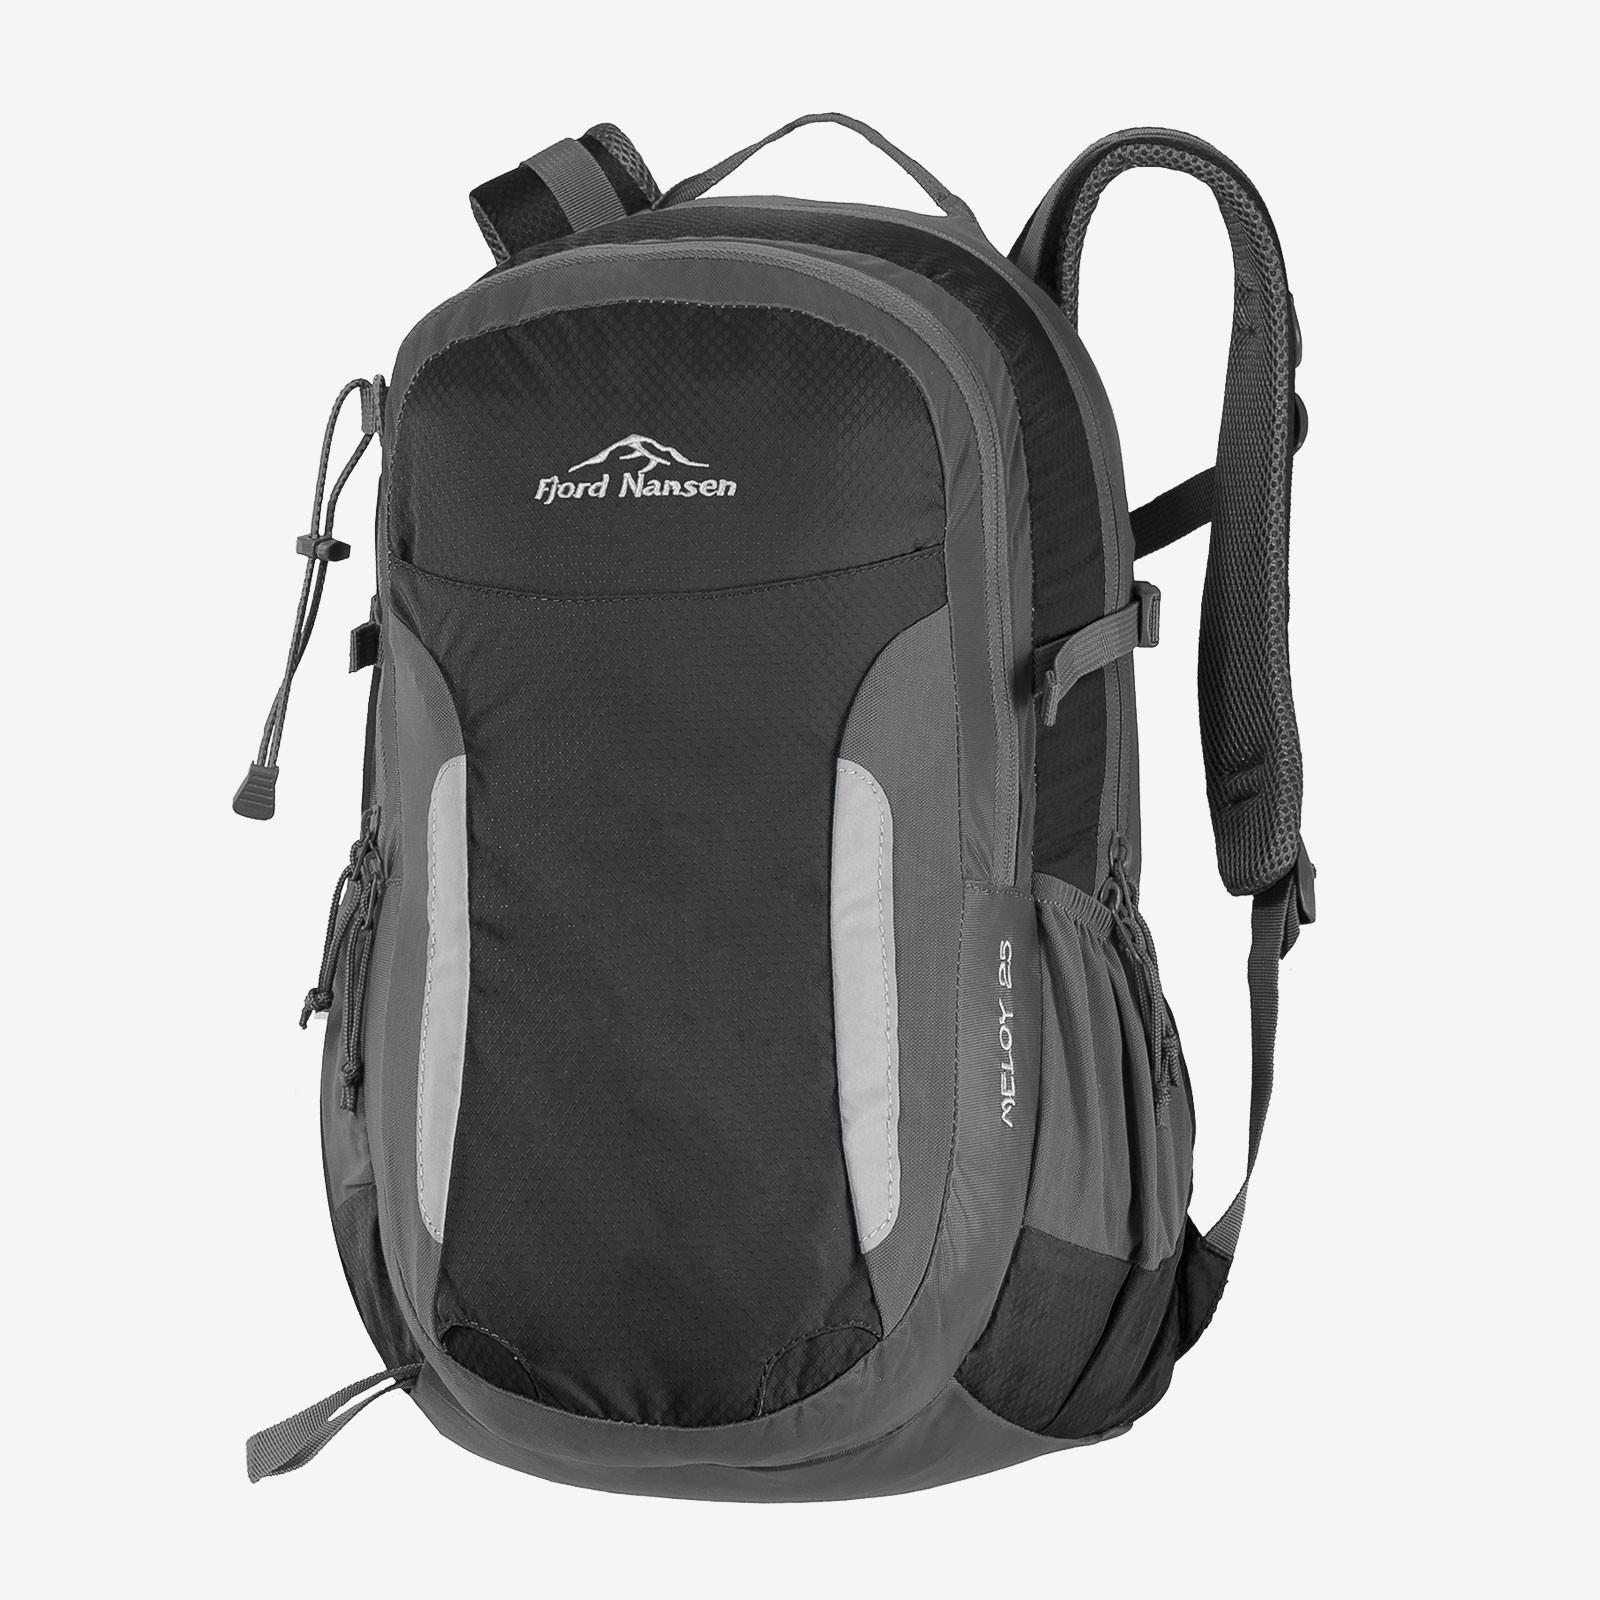 0cede2d16fa52 Plecak MELOY 25 black/graphite - Paker - Tylko Sprawdzony Sprzęt ...